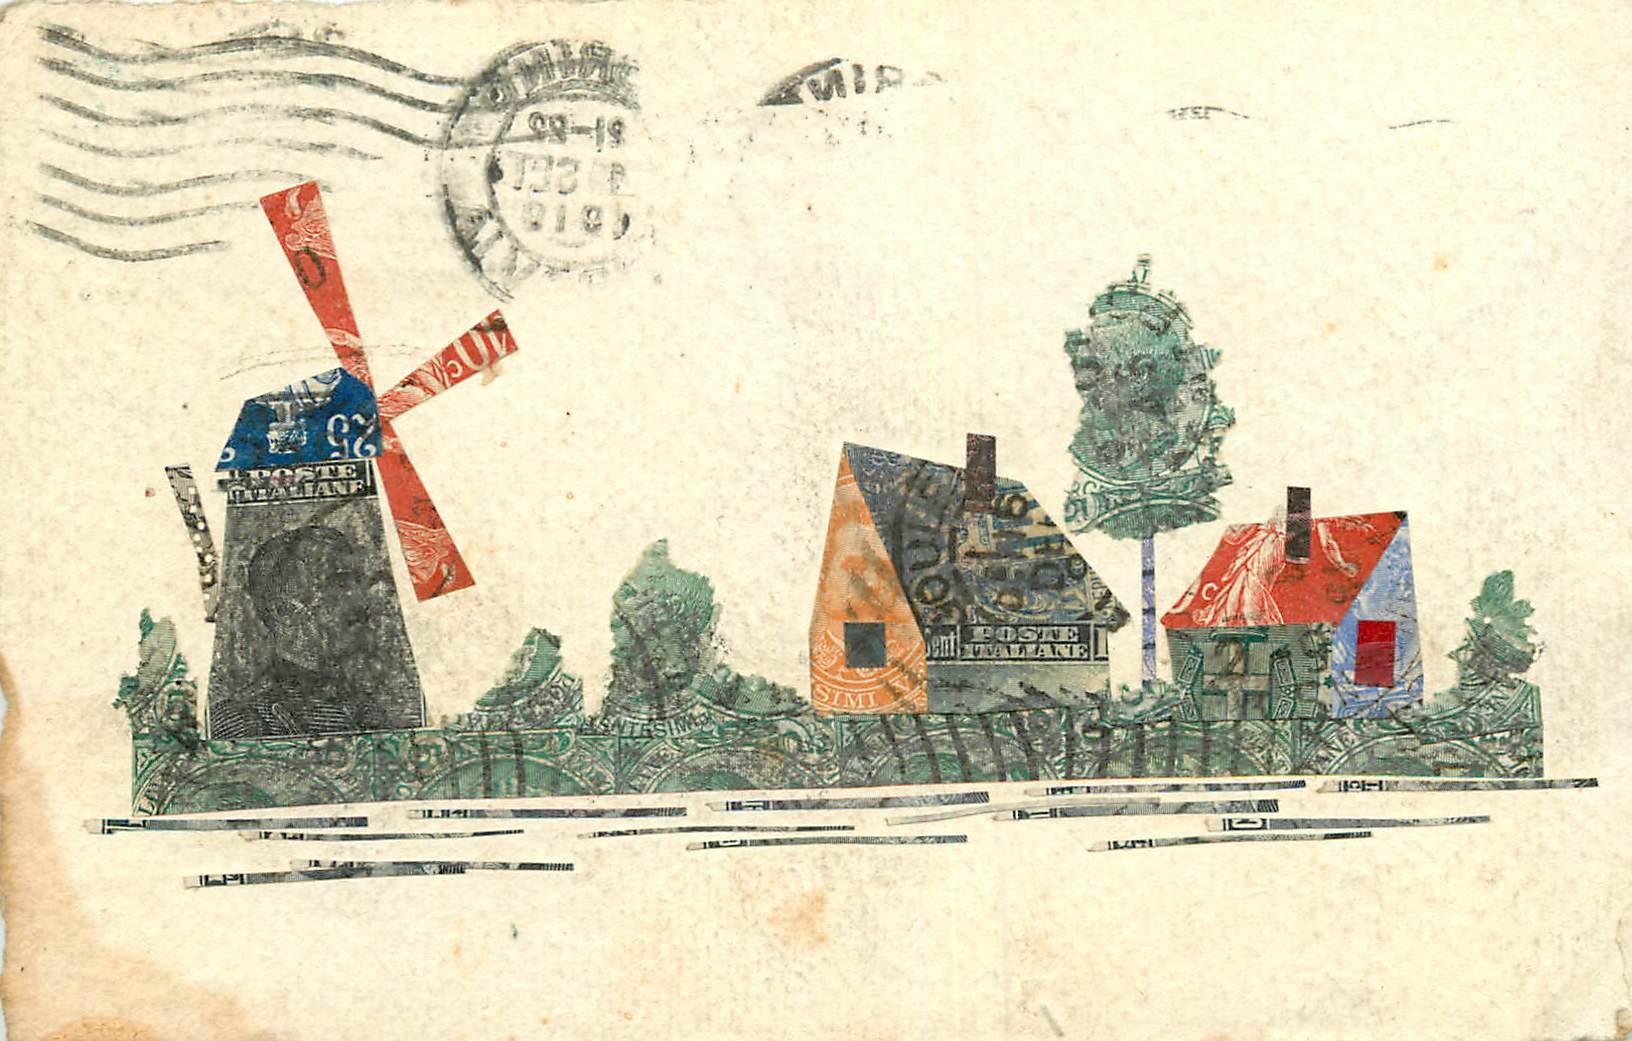 WW Moulin carte composée de timbres découpéset collés sur papier style Parchemin 1914